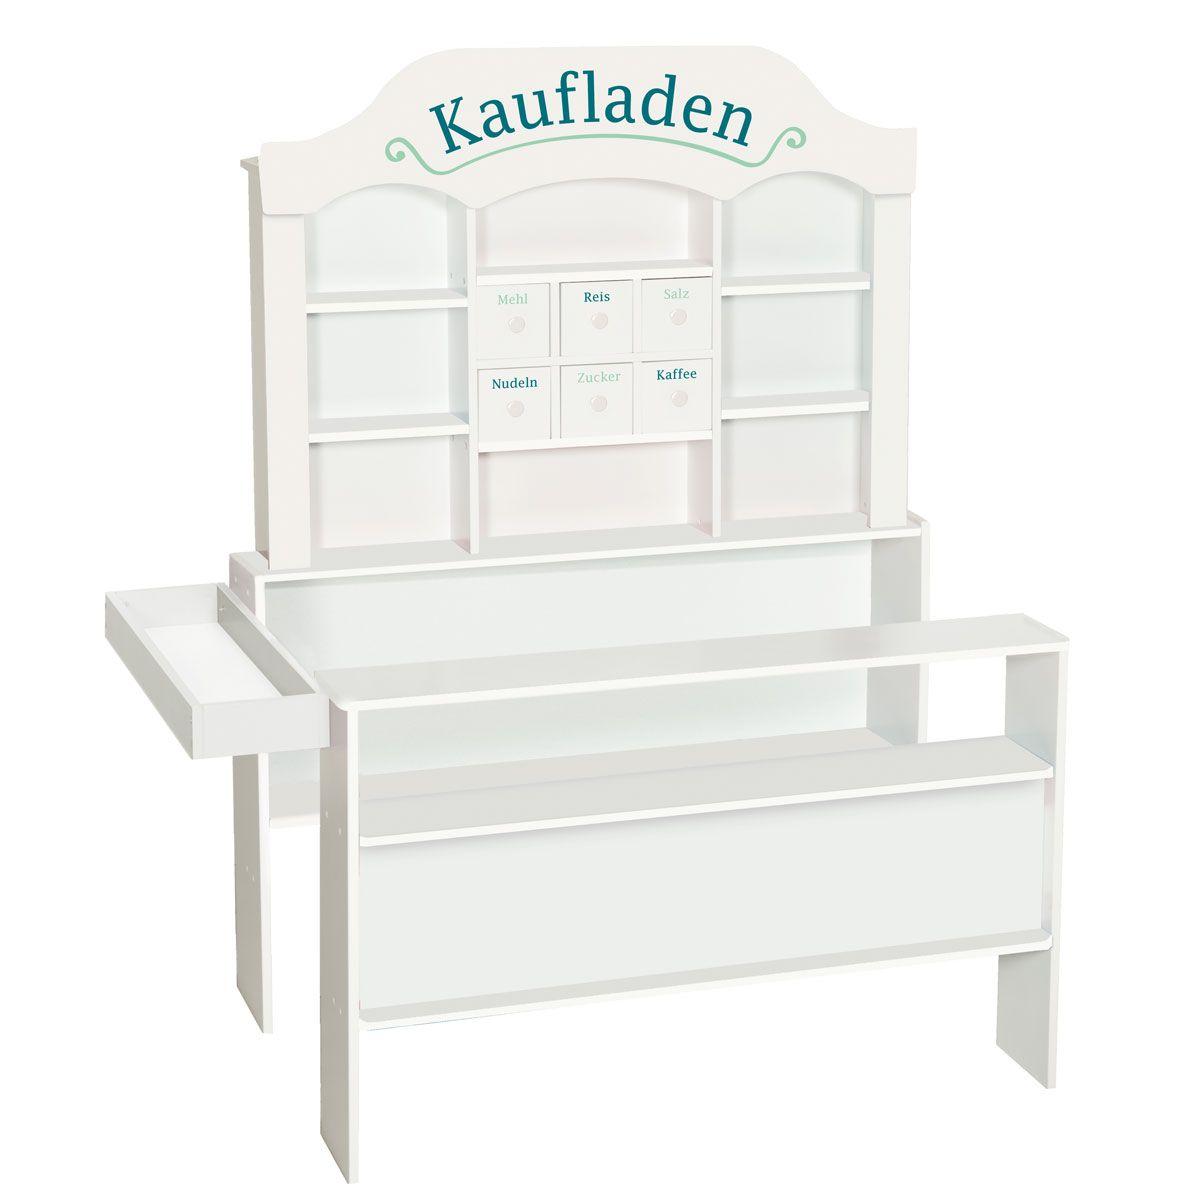 roba kaufladen nostalgie kaufladen roba kaufladen. Black Bedroom Furniture Sets. Home Design Ideas